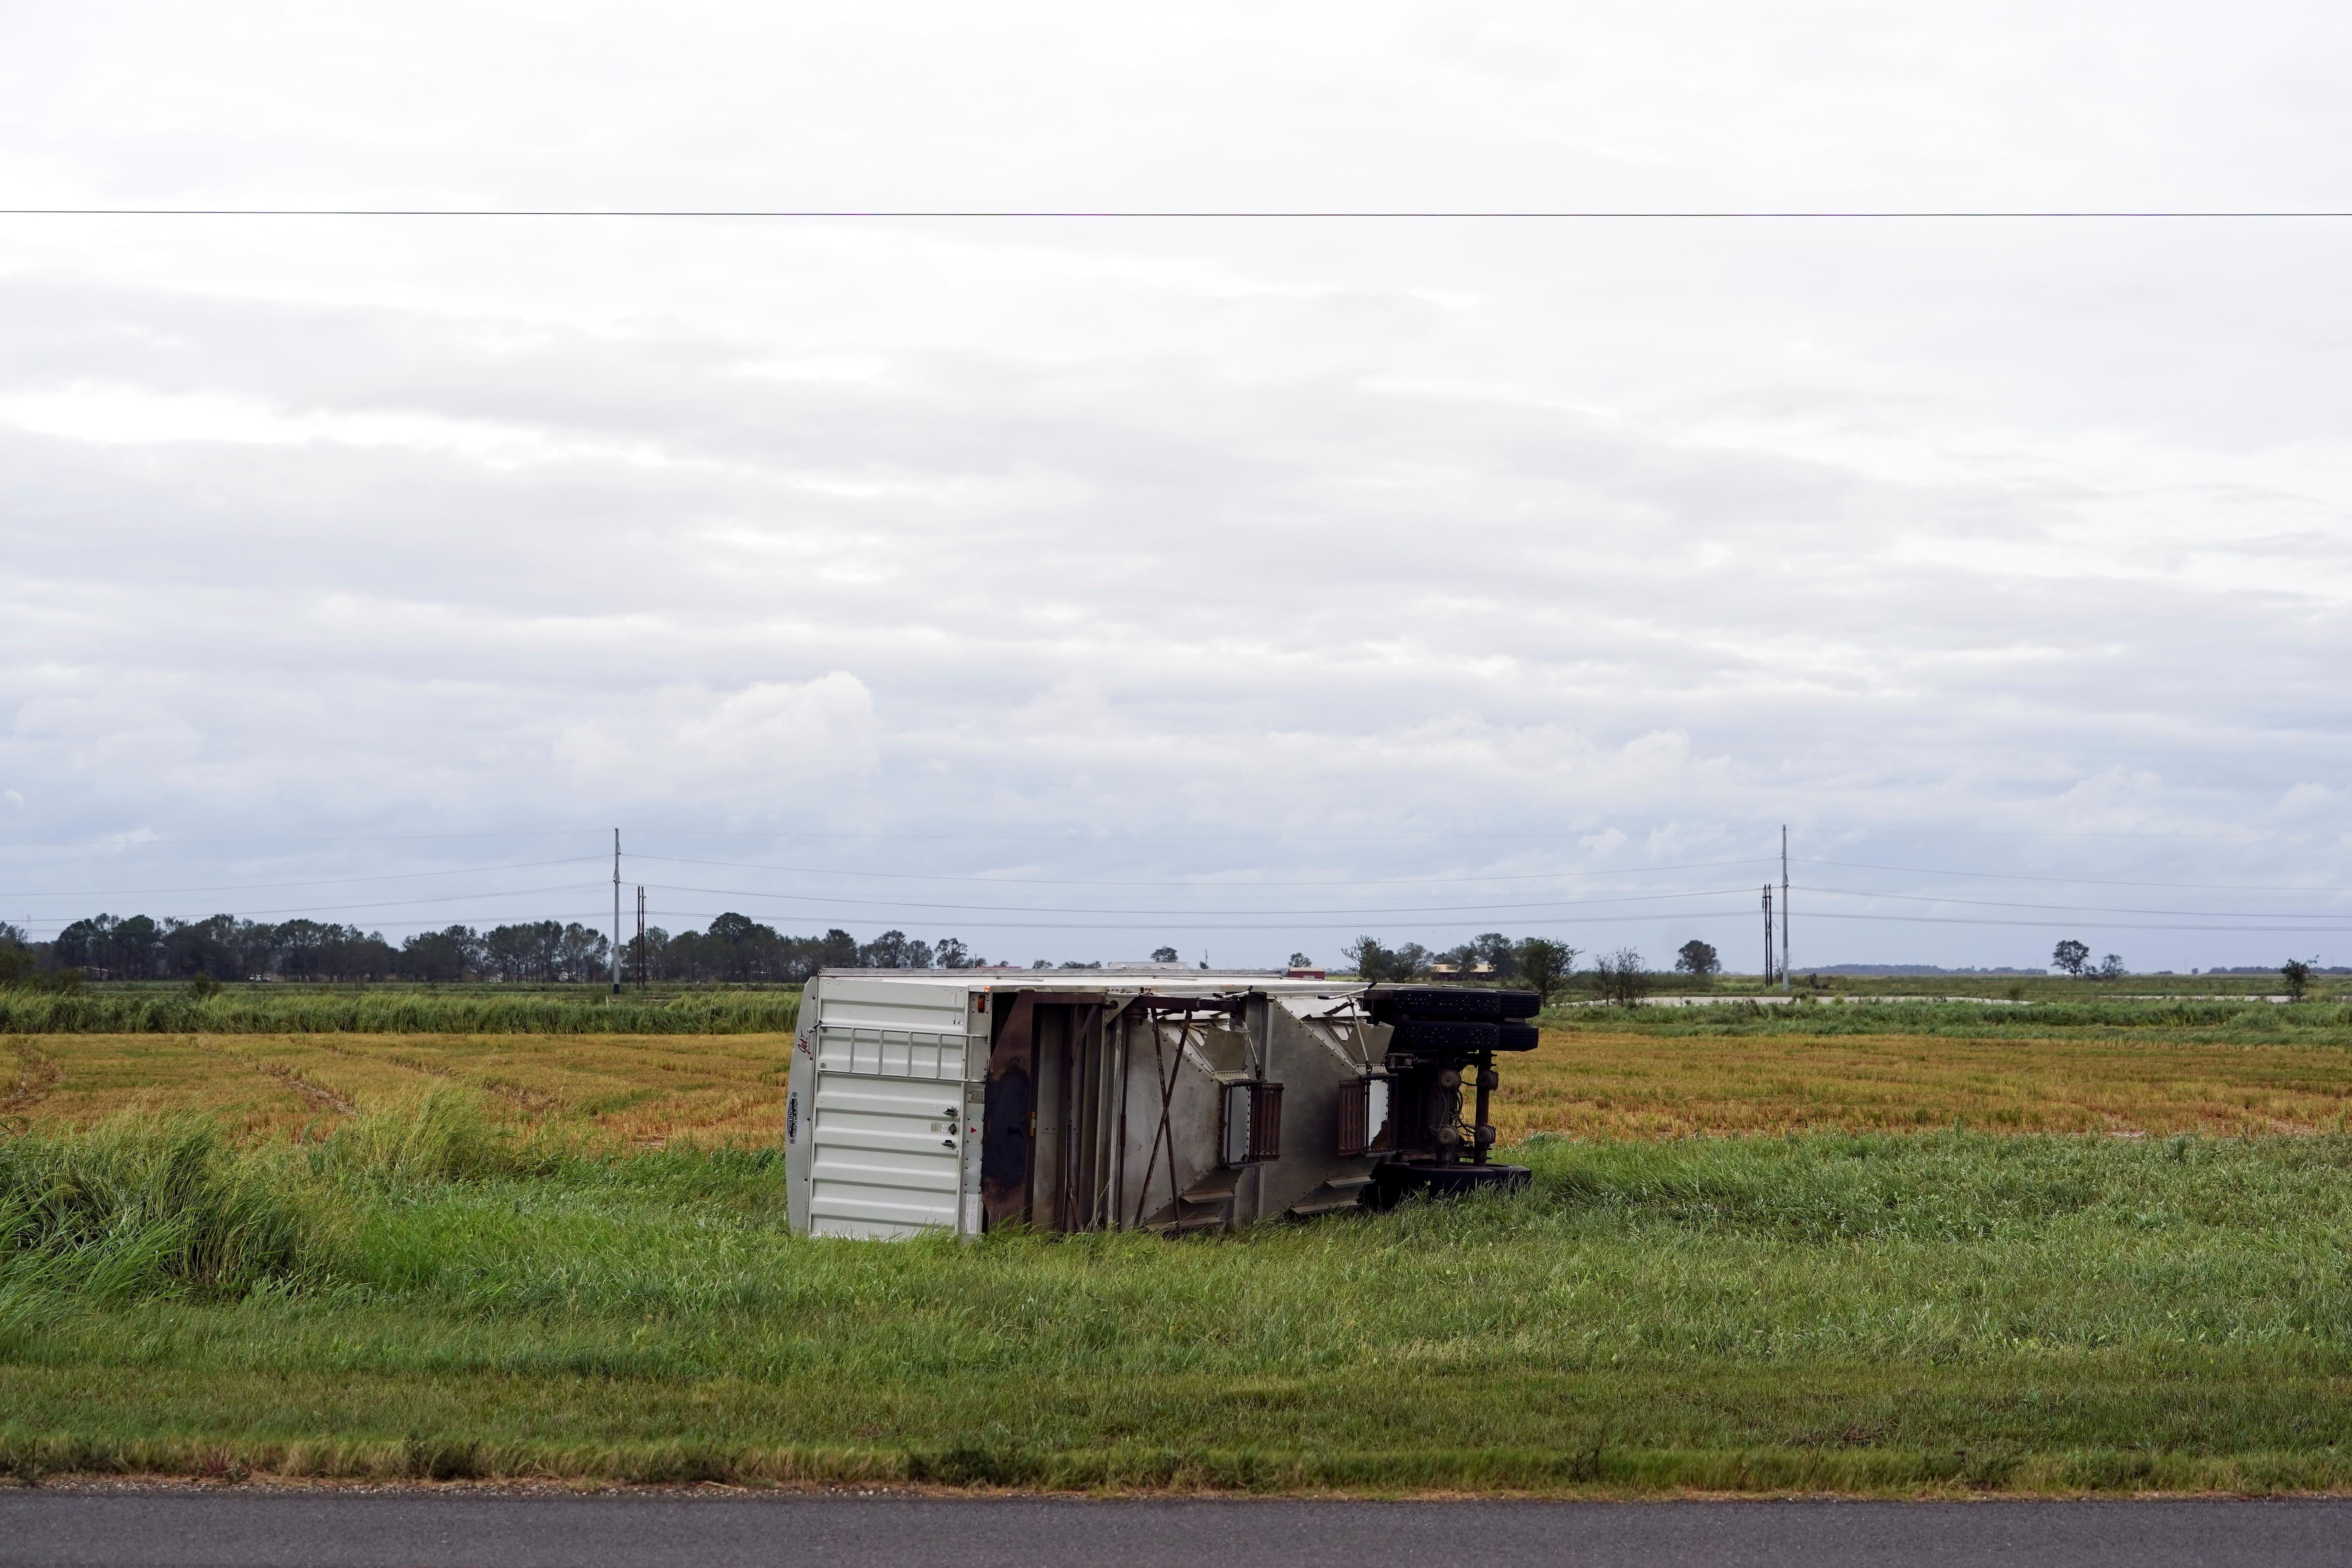 Un semirremolque volcado en un campo en Welsh, Louisiana (REUTERS/Elijah Nouvelage)